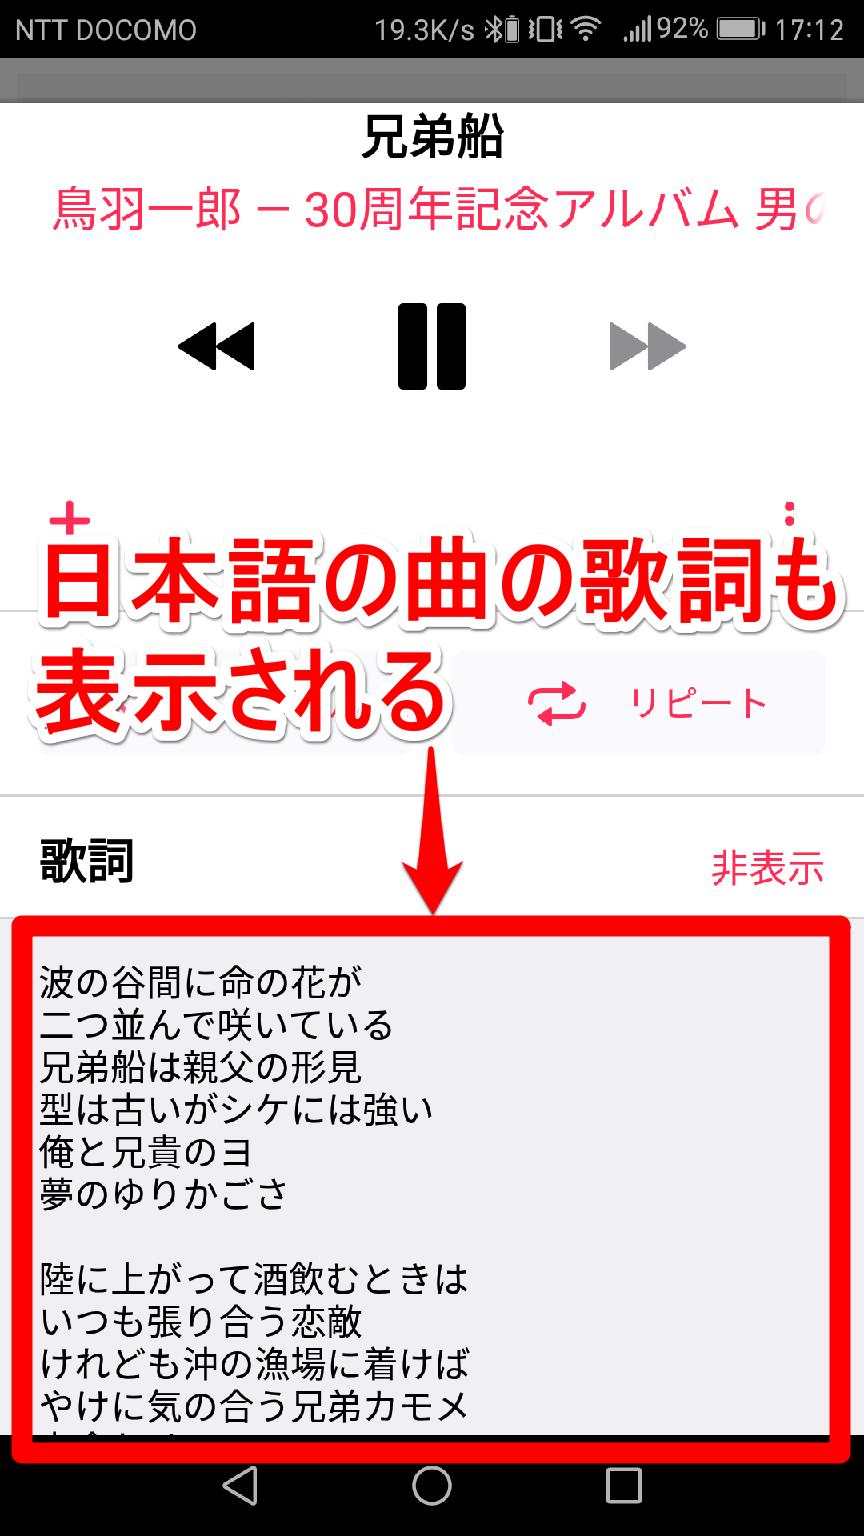 アンドロイド版アップルミュージックで日本語の歌詞が表示された画面